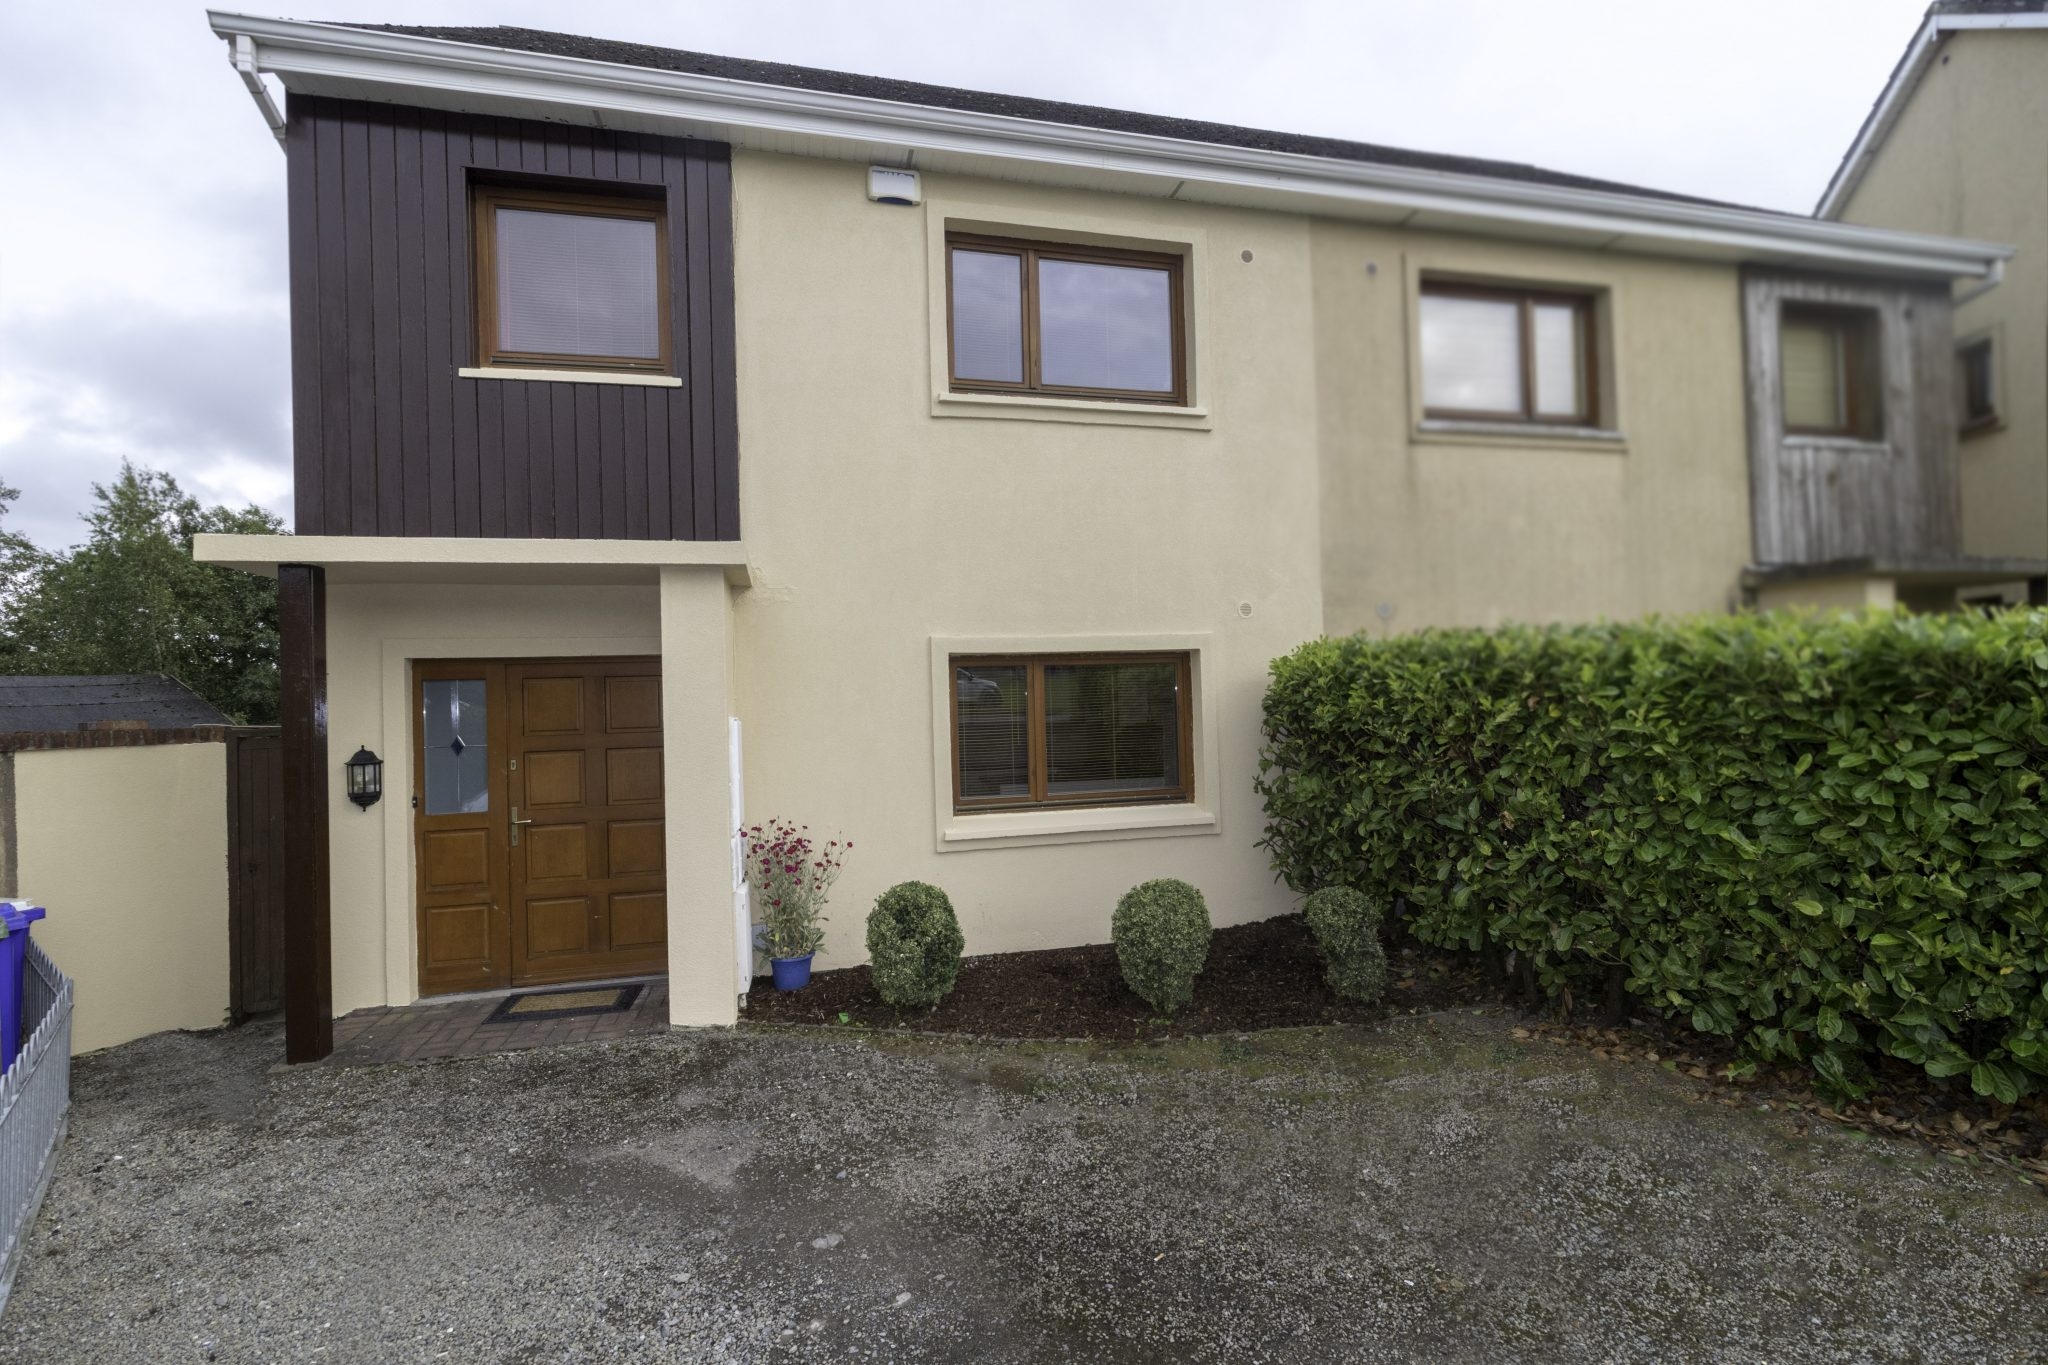 11 Rockview Drive, Mountrath Road, Portlaoise, Co. Laois, R32 E78K